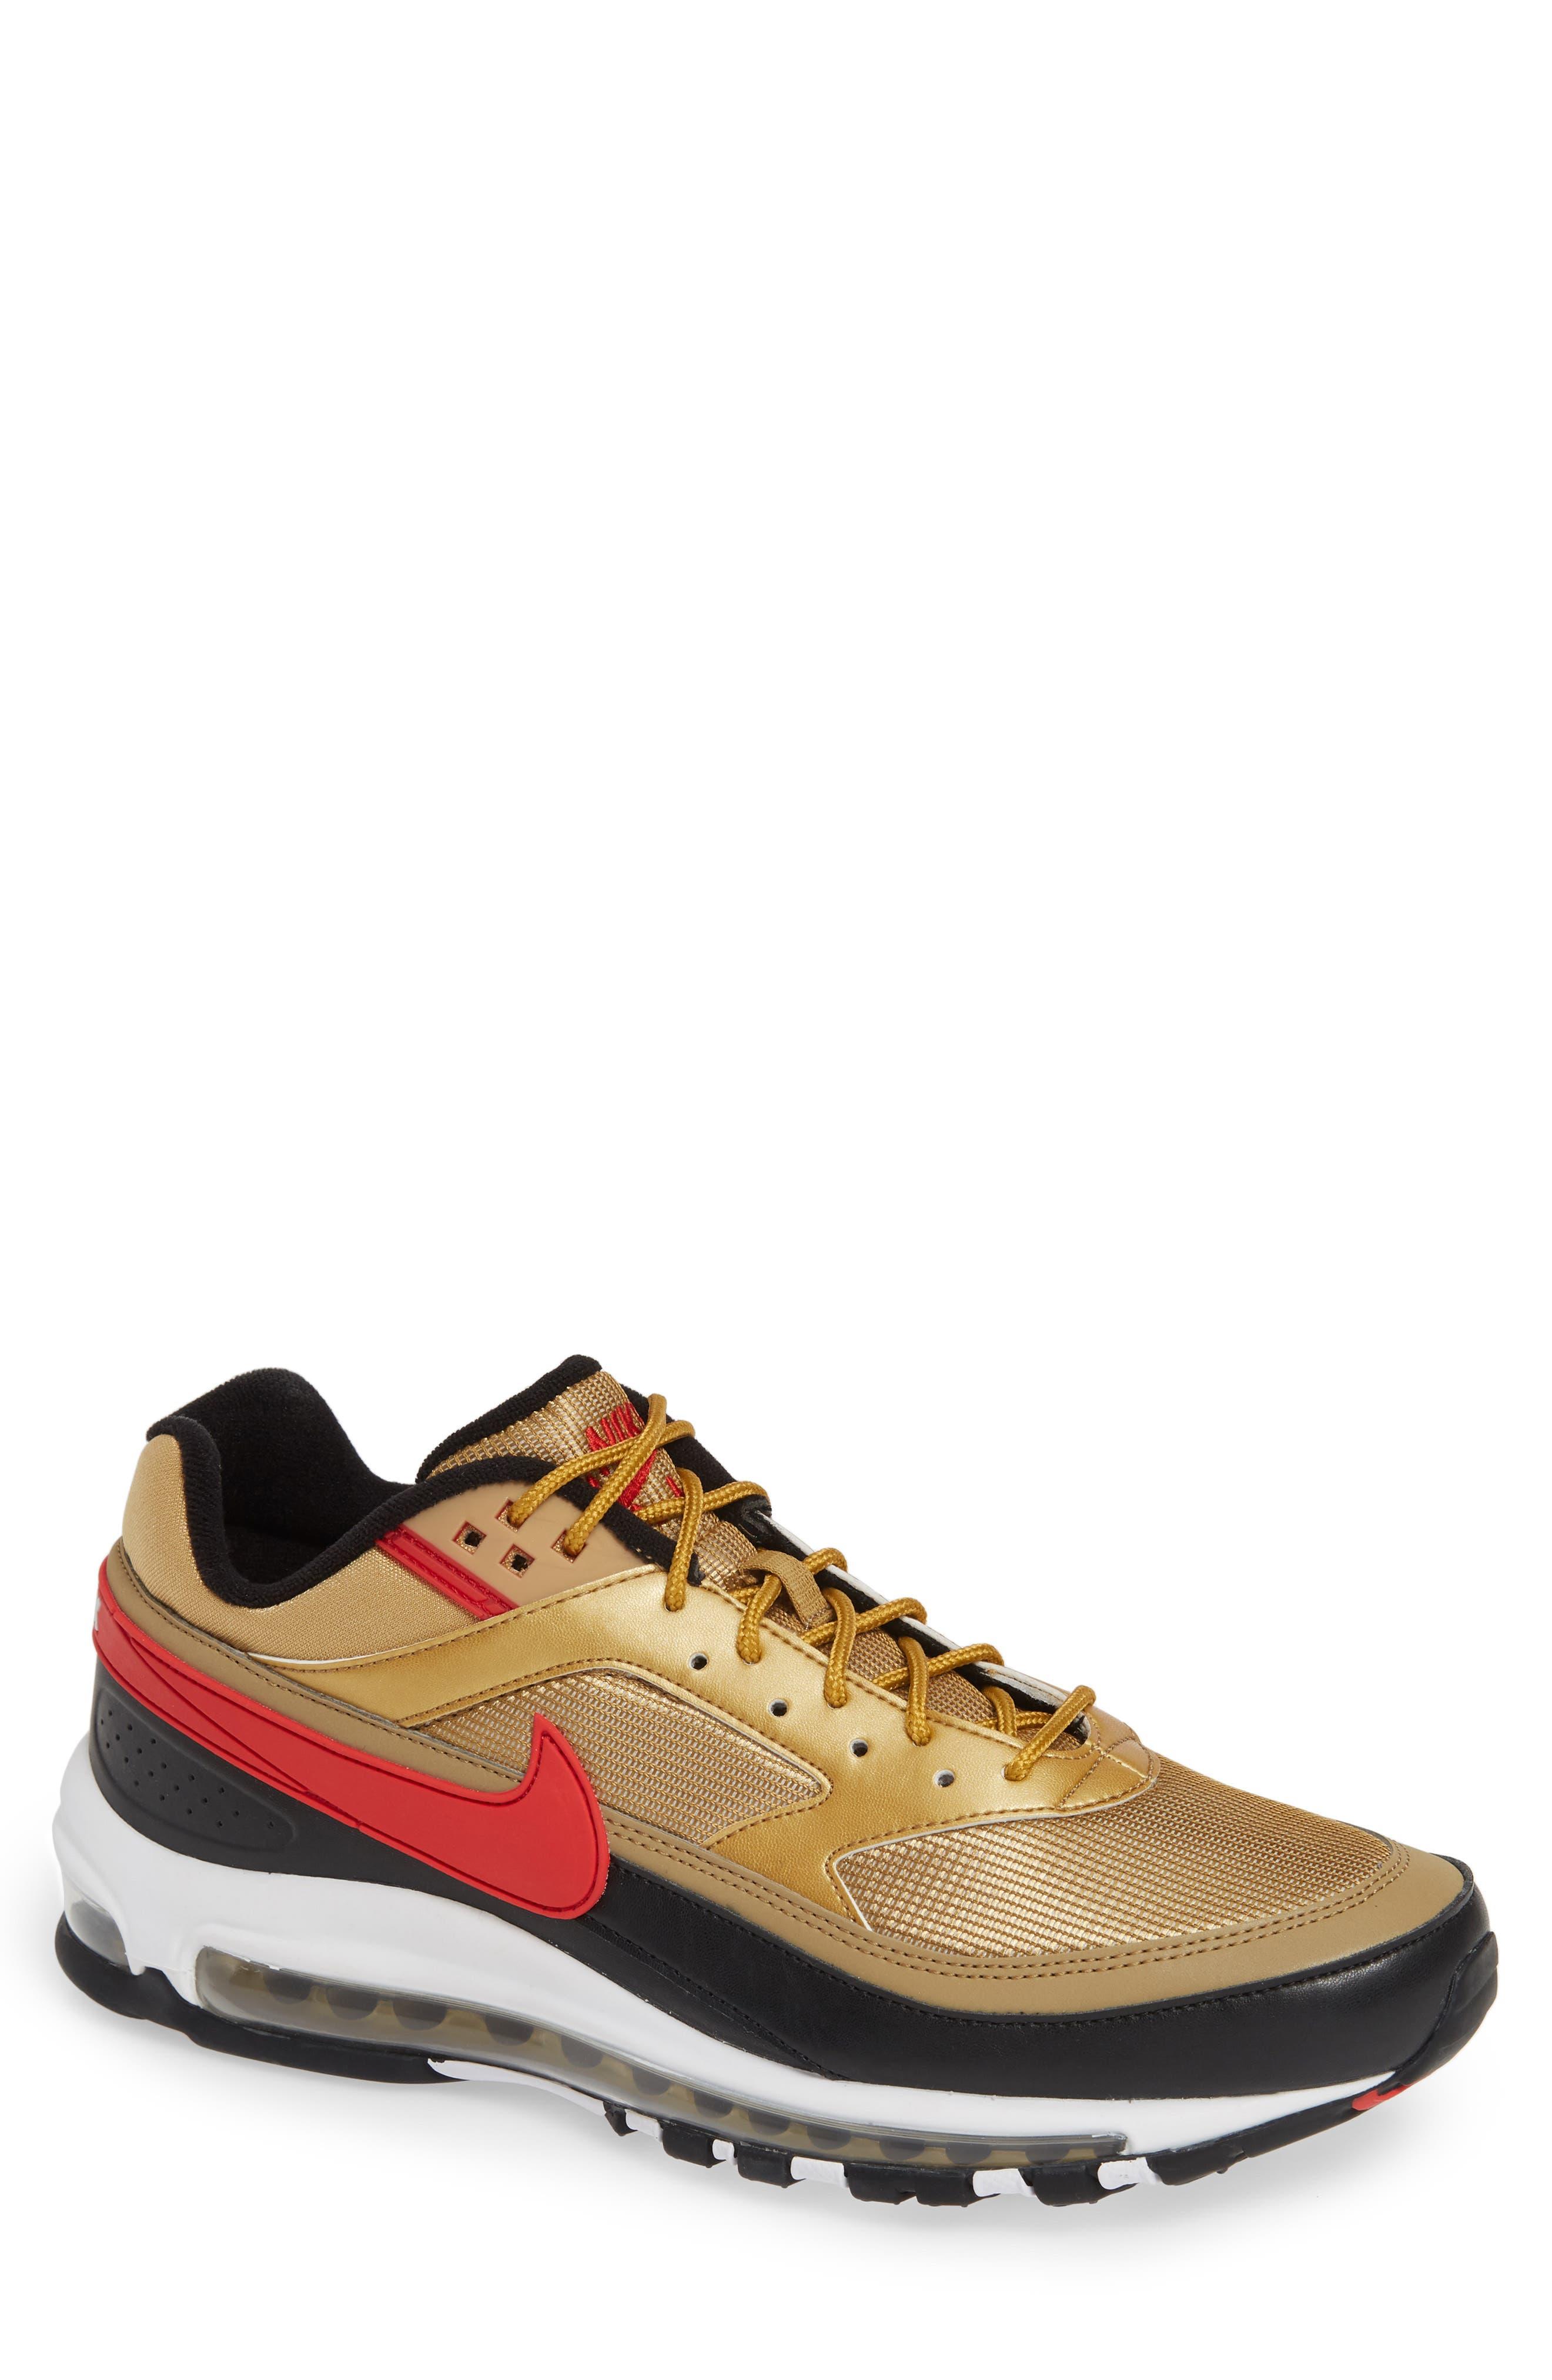 NIKE Air Max 97 BW Sneaker, Main, color, 040